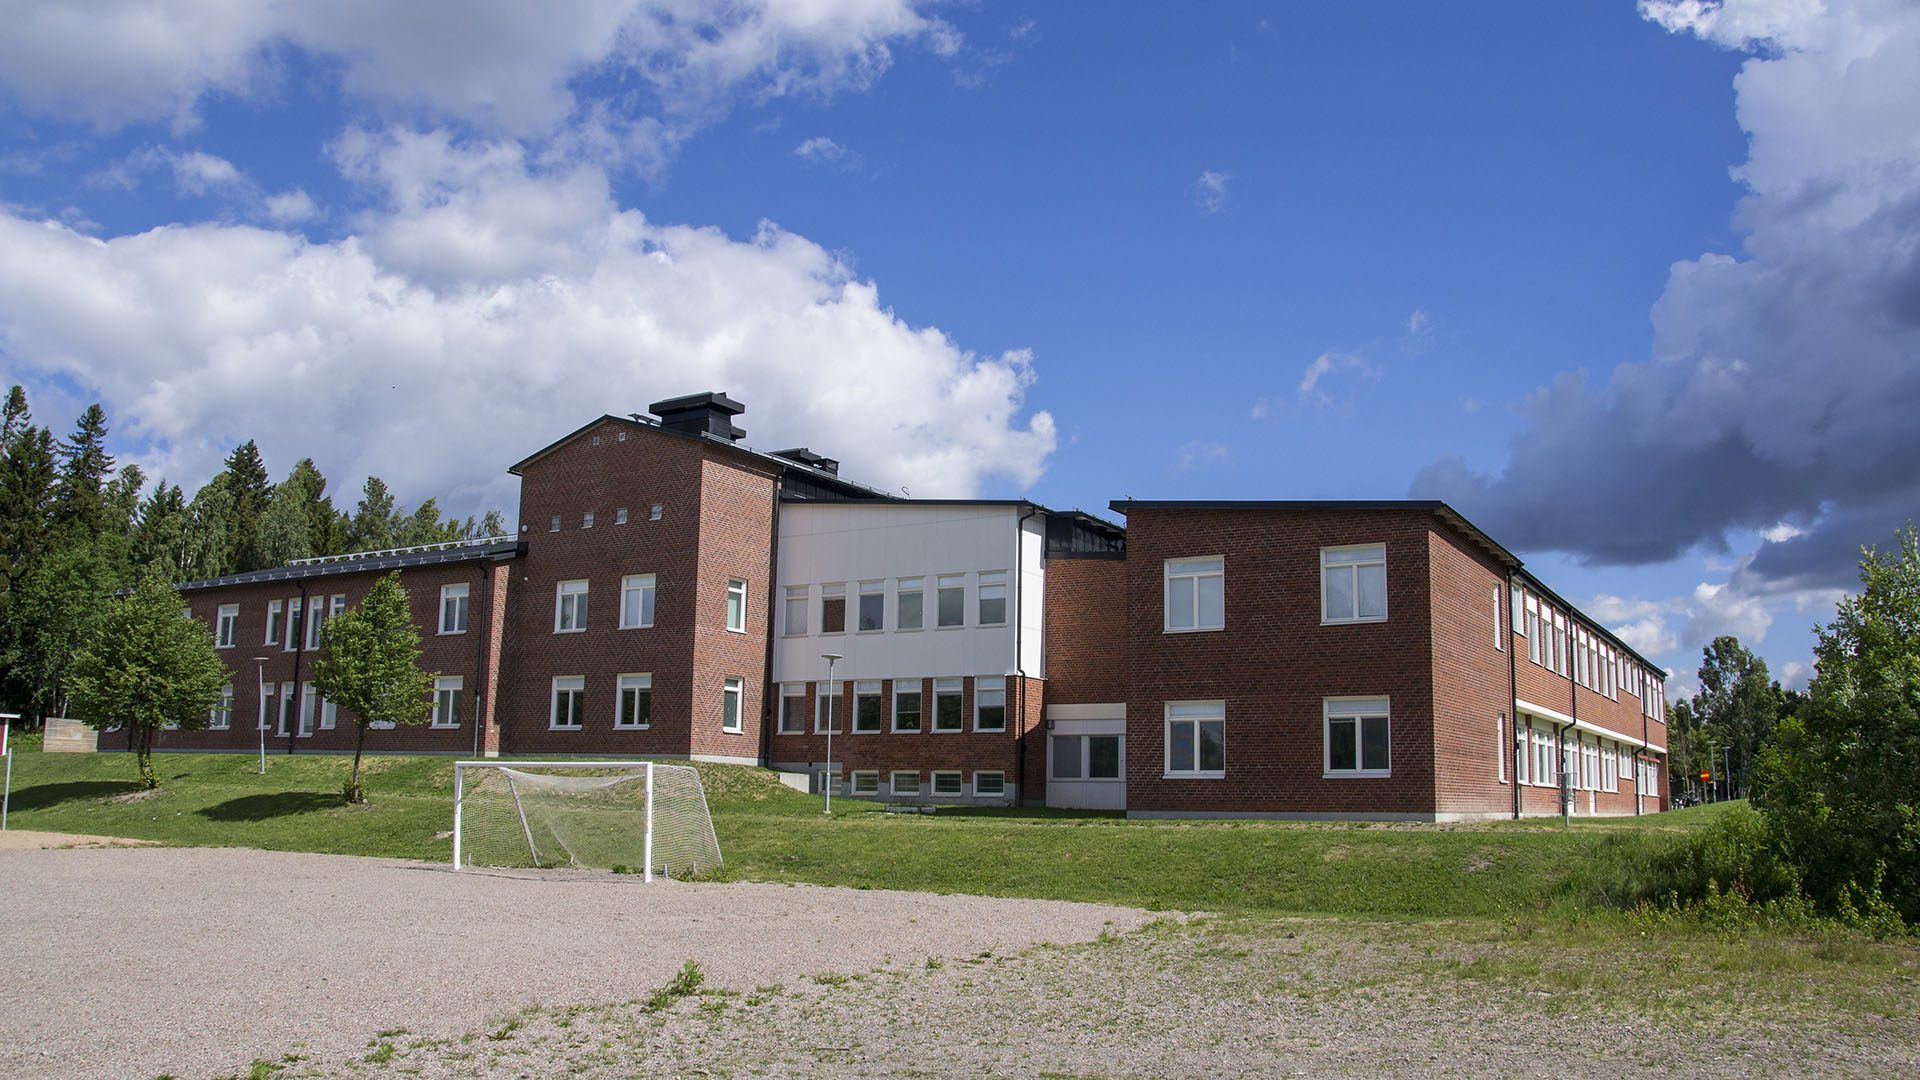 Bergby centralskola